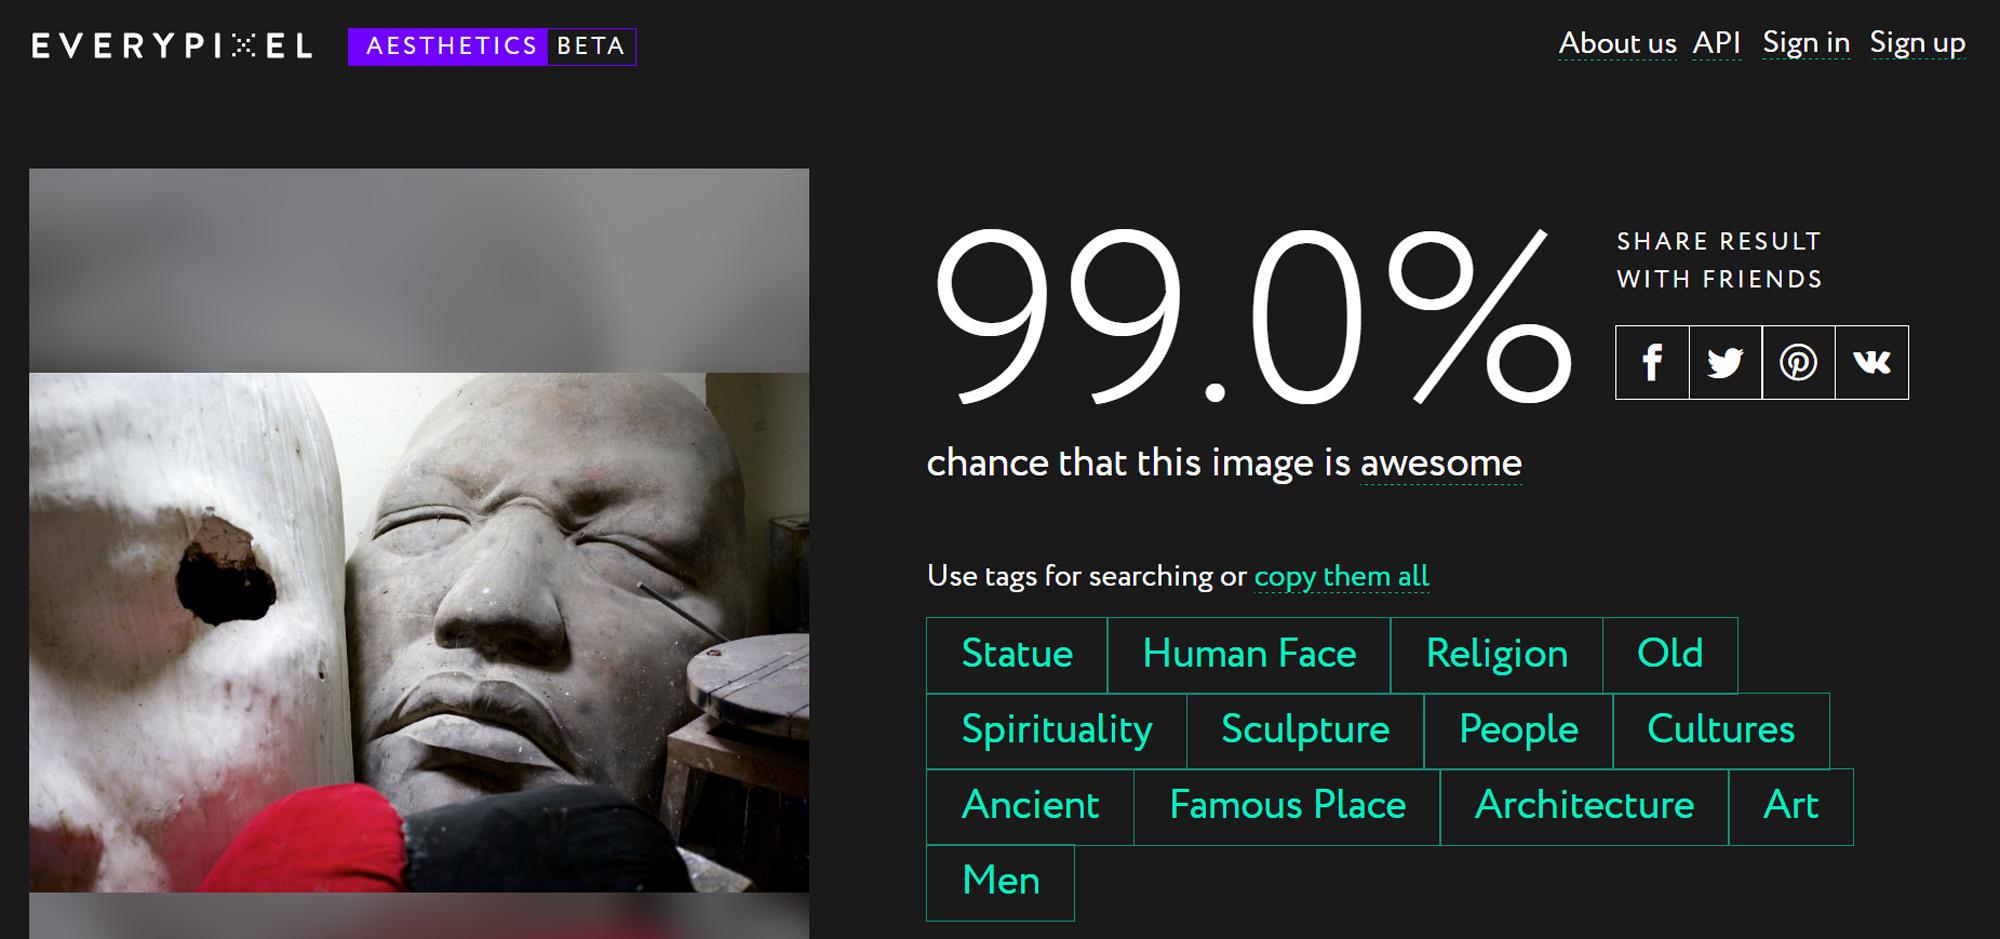 Everypixel score